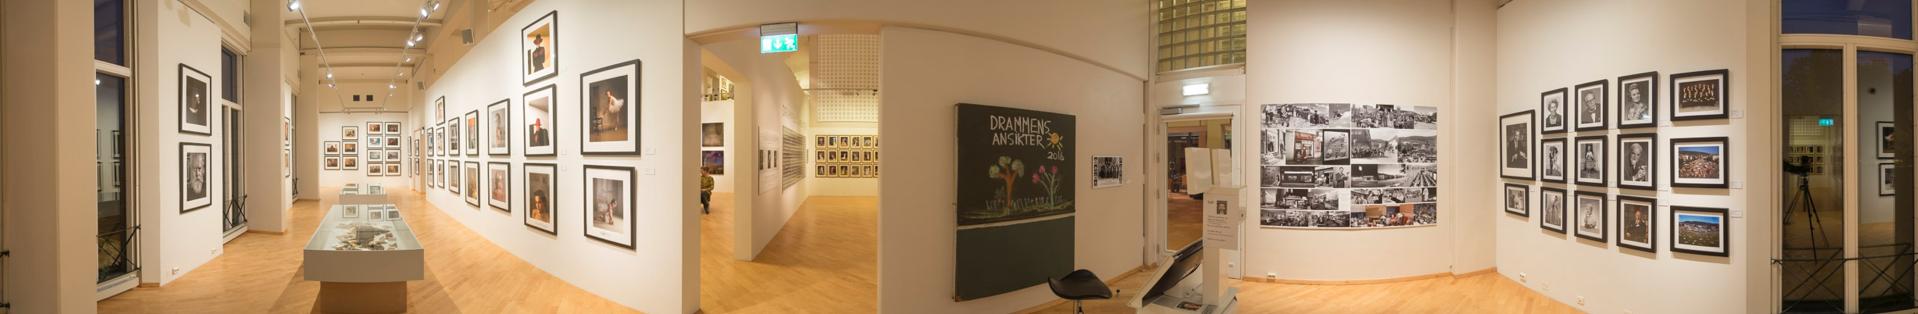 Panorama 2 fra utstillingen på Drammen Museum